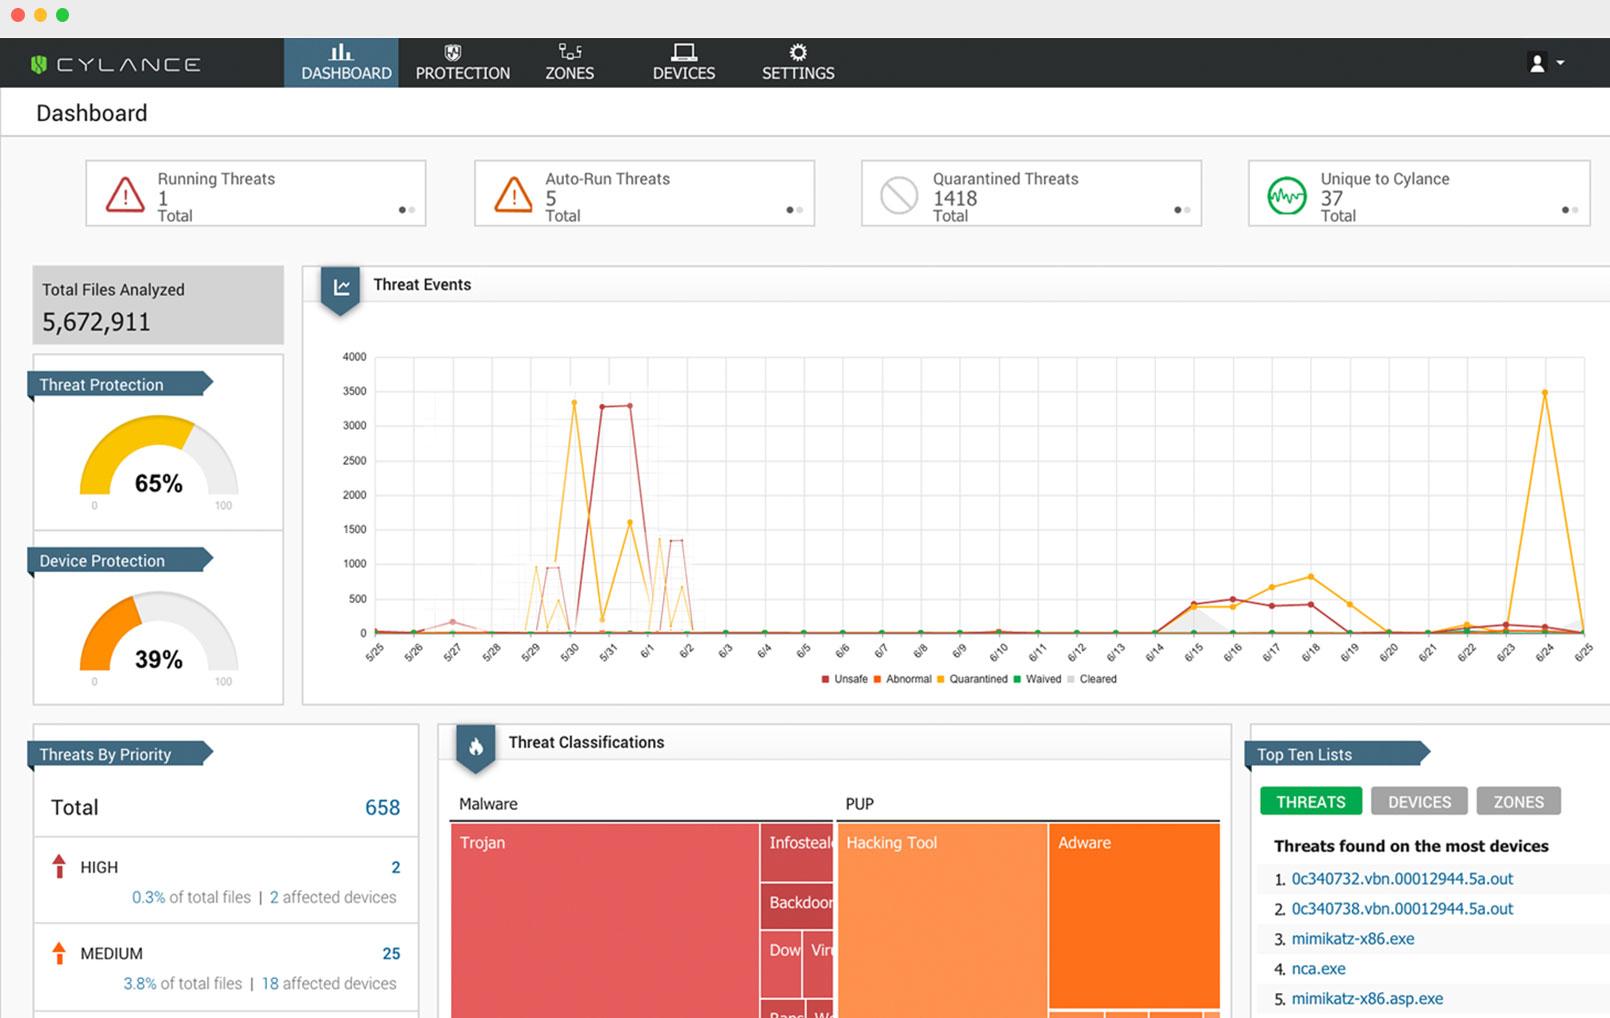 Обзор рынка систем защиты конечных точек (Endpoint